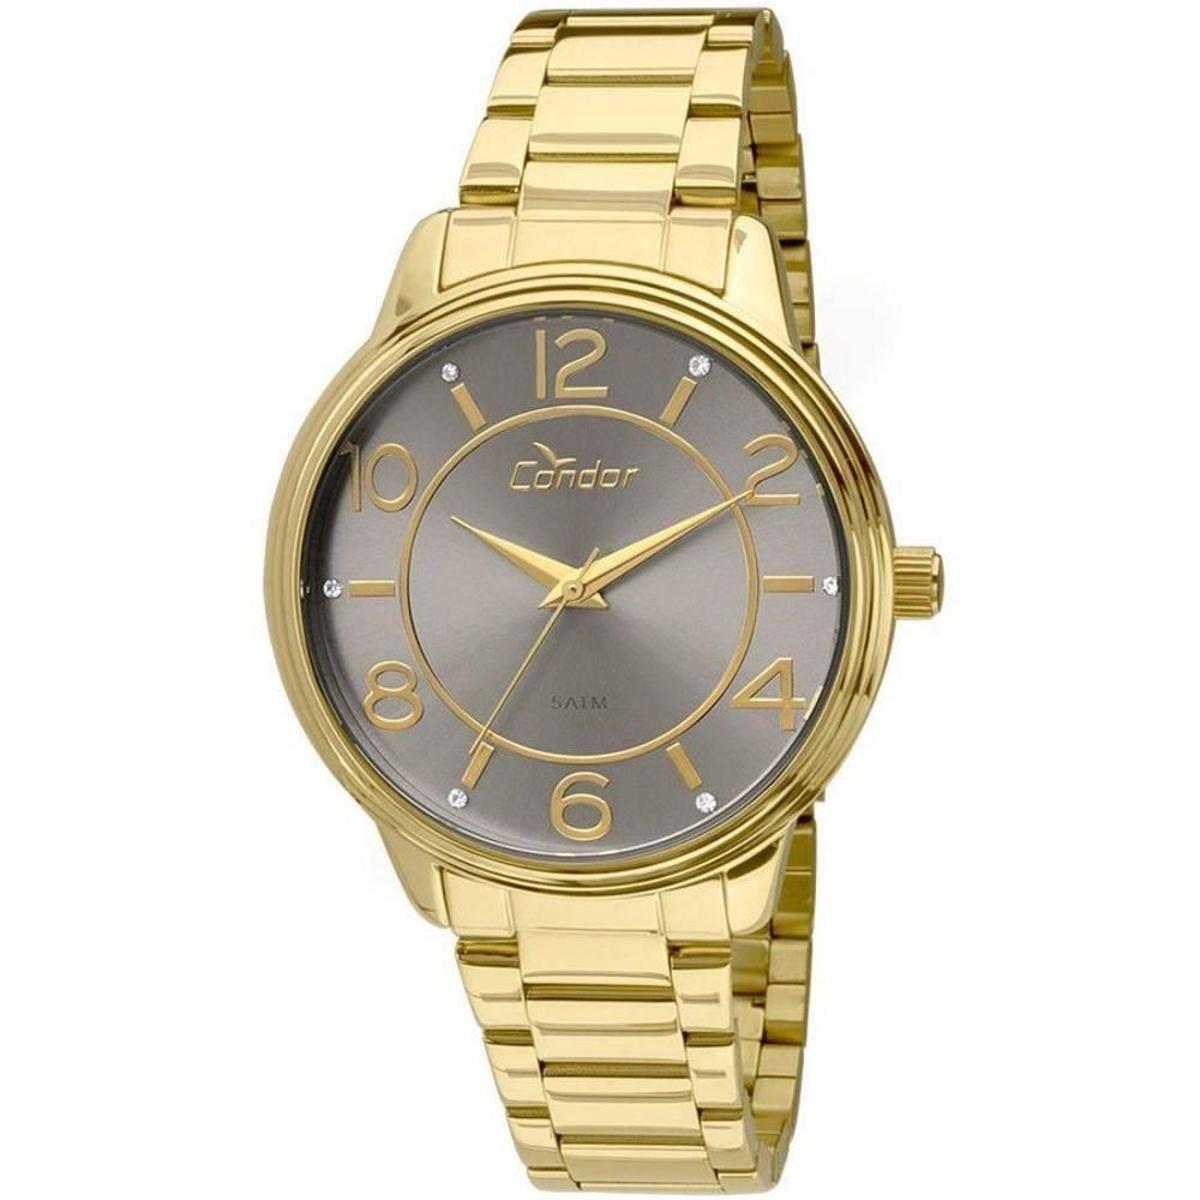 40f8a65f510 Relógio Feminino Condor Co2035krh 4C - Compre Agora